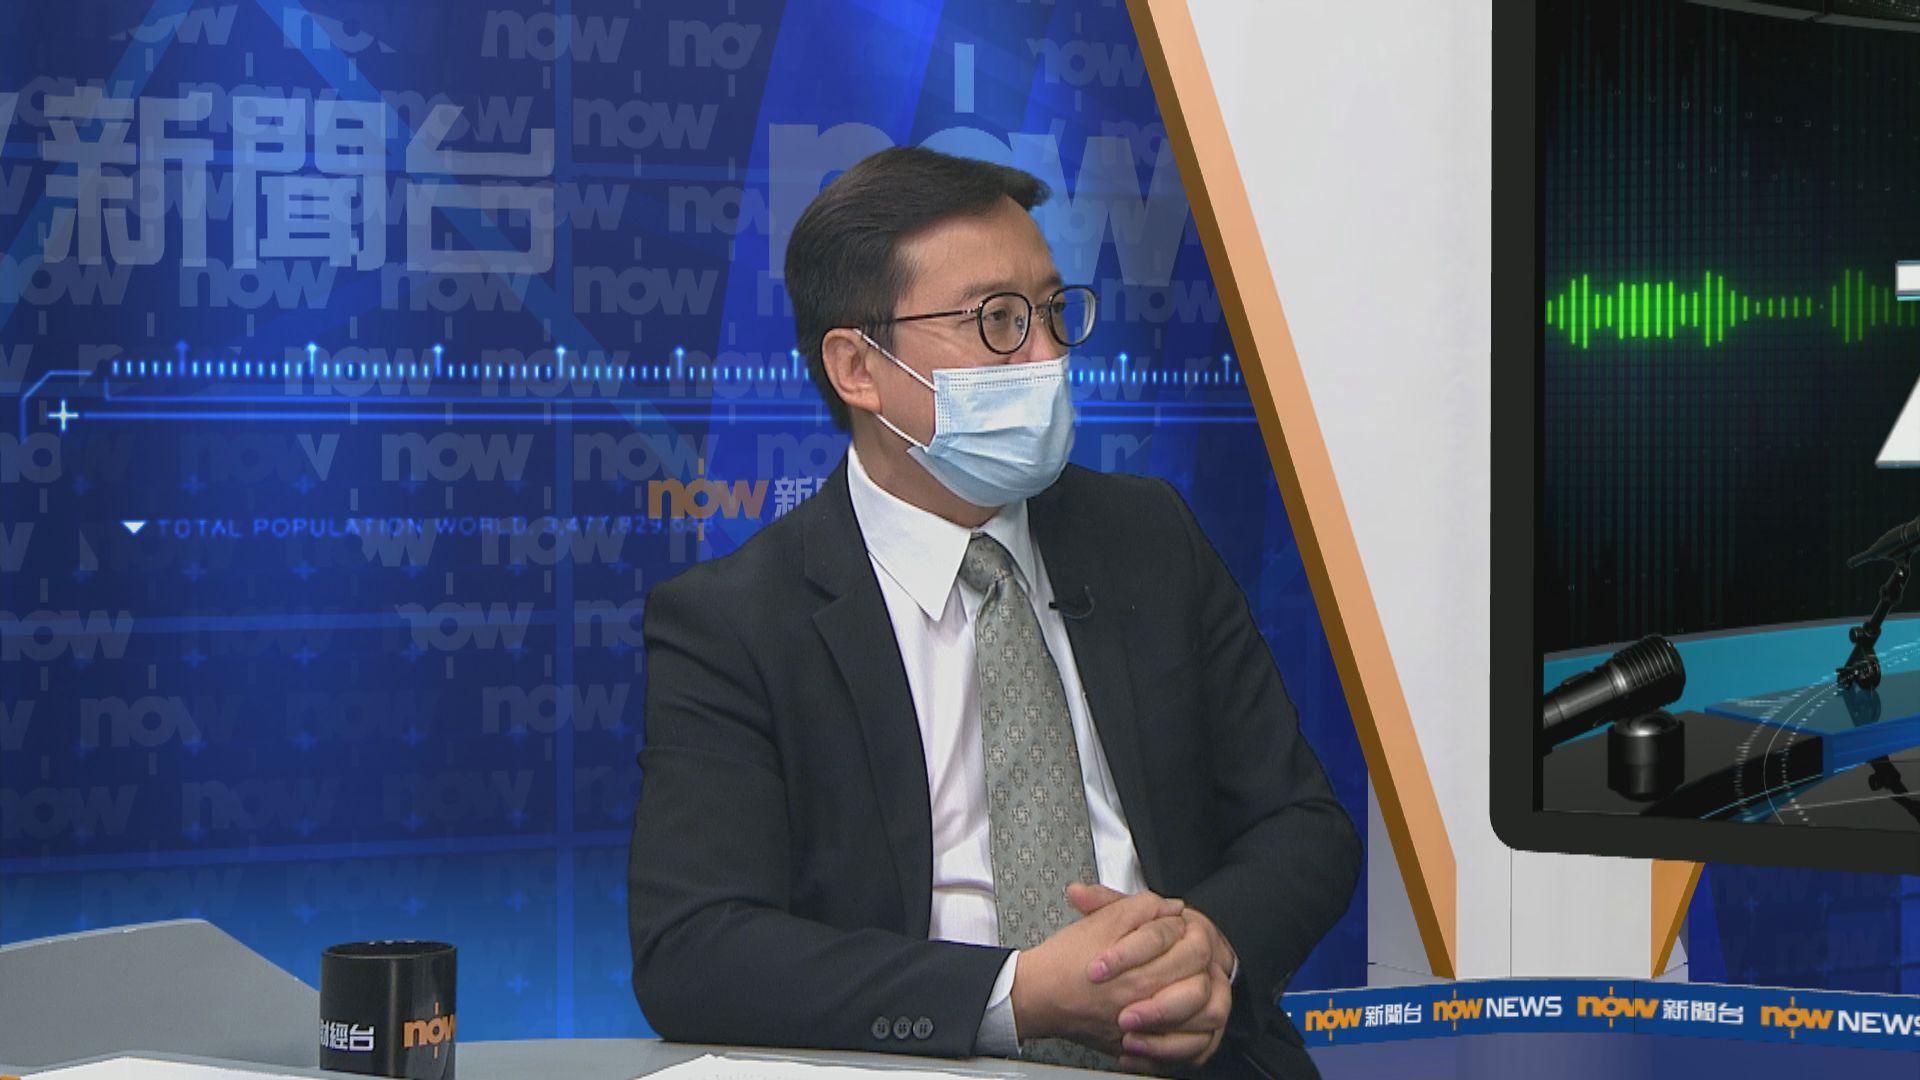 陳澤銘:律師會評論社會事件只從法律角度出發不涉政治